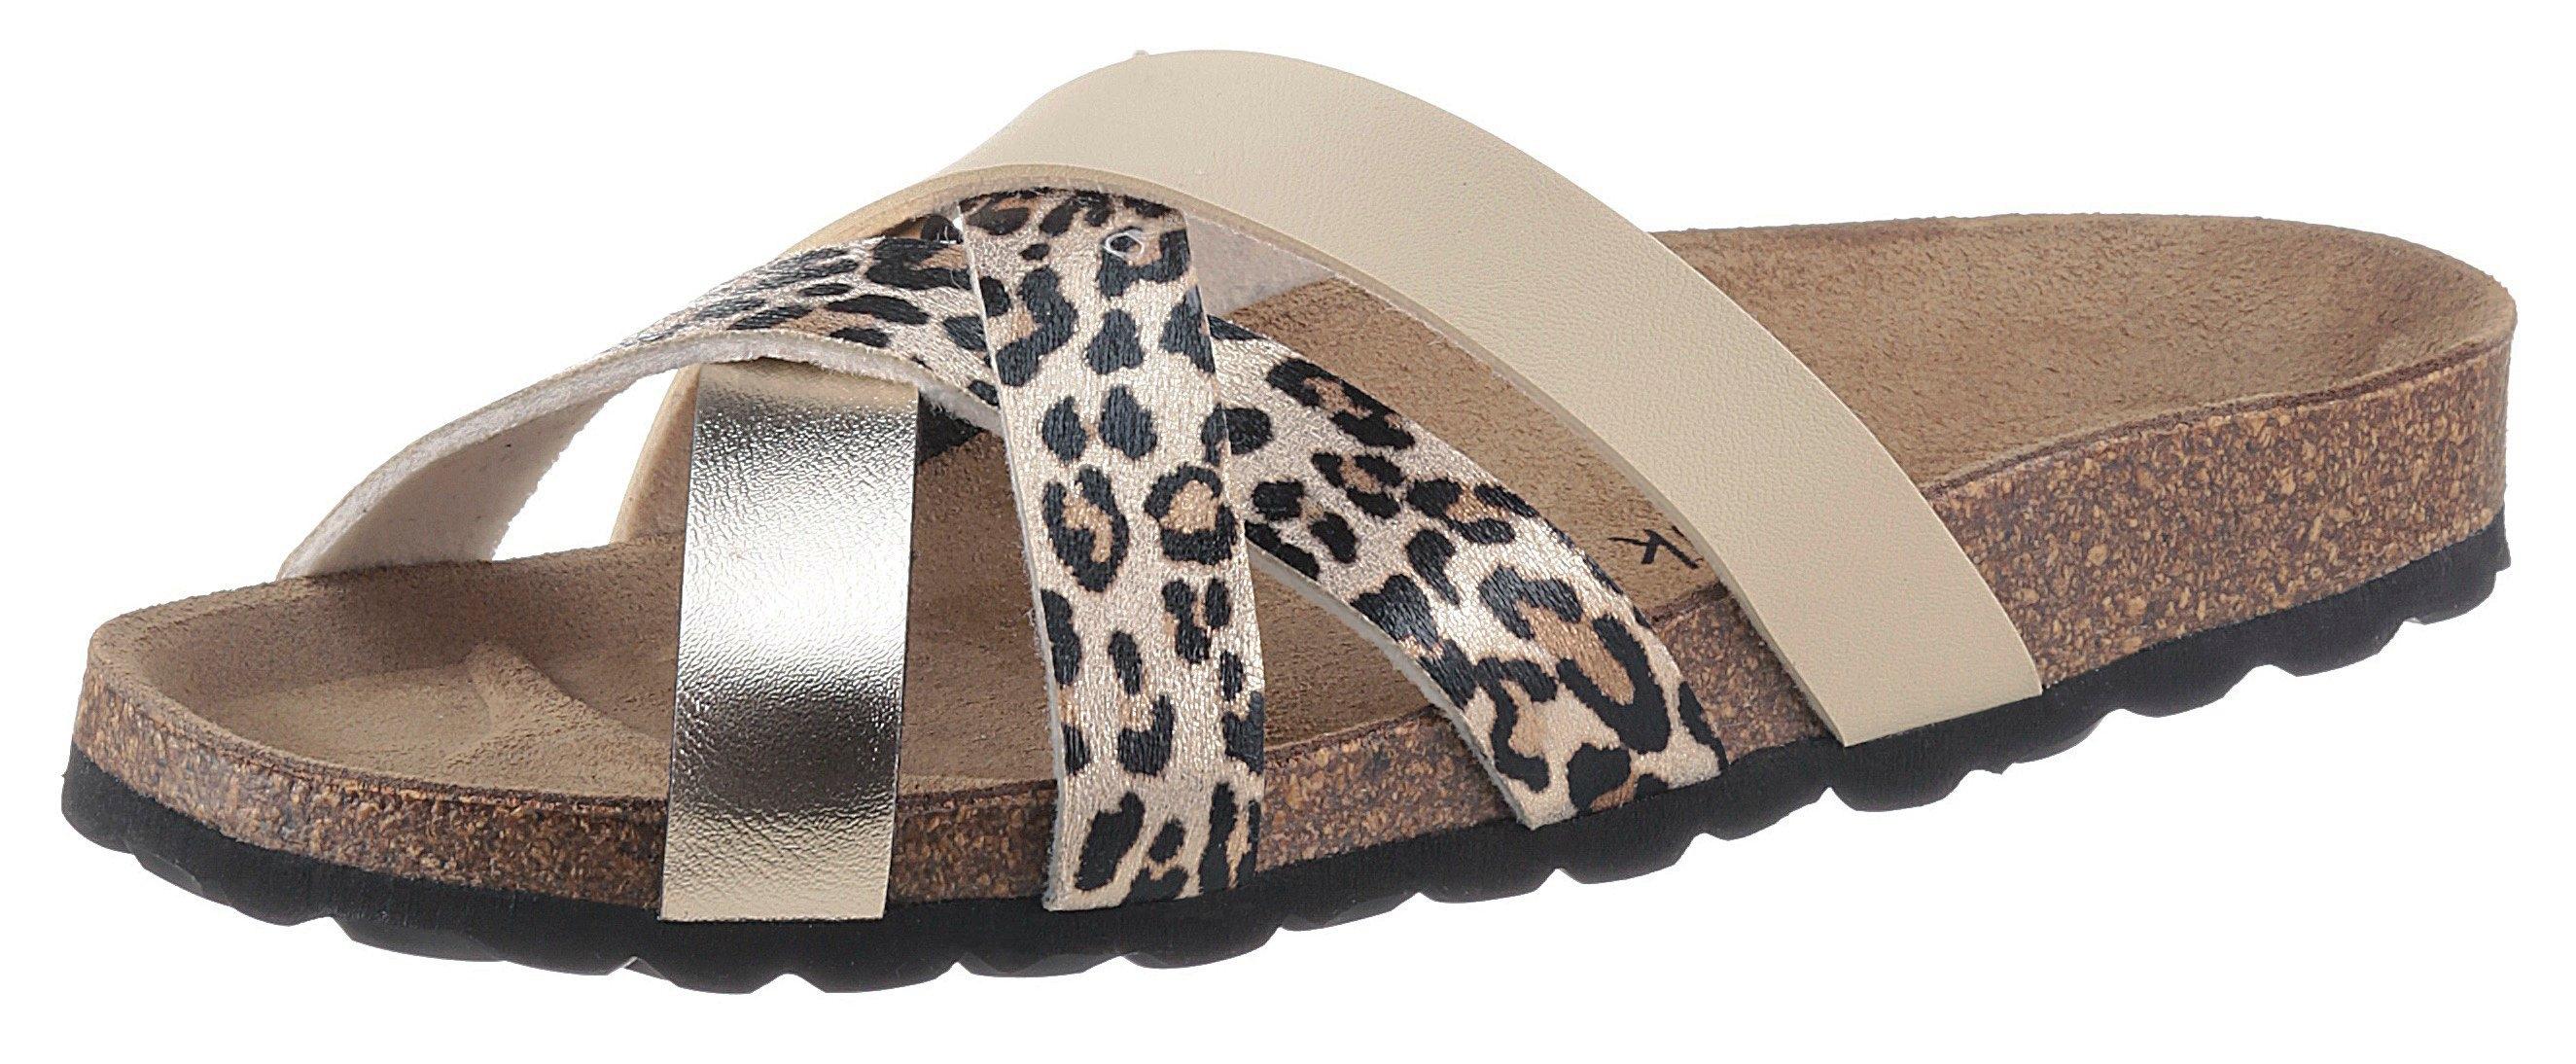 Op zoek naar een Bio Time slippers in luipaard-look? Koop online bij OTTO